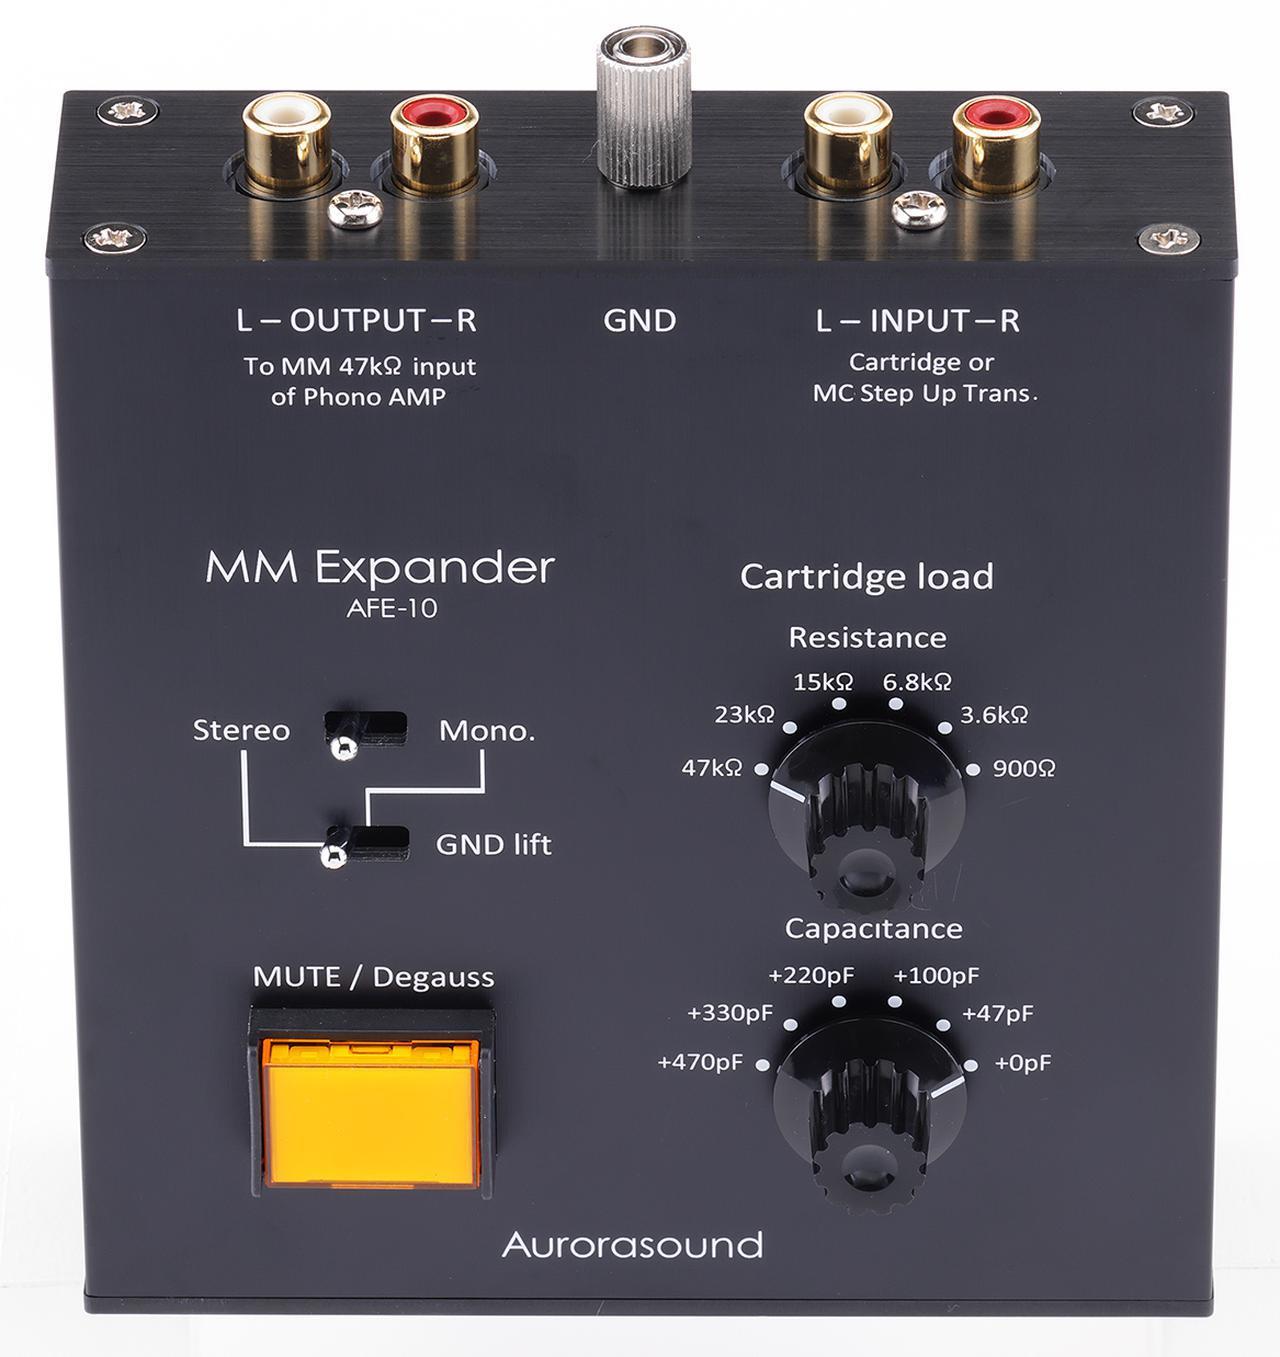 画像: AFE10は天板にスイッチ類、リアに入出力各1系統とアース端子を装備する。グランドリフトスイッチはモノーラルカートリッジ使用時などのグランドループによるハムノイズ対策に有効。四角いミュート・消磁スイッチ(ONでオレンジ色に自照する)を搭載する。